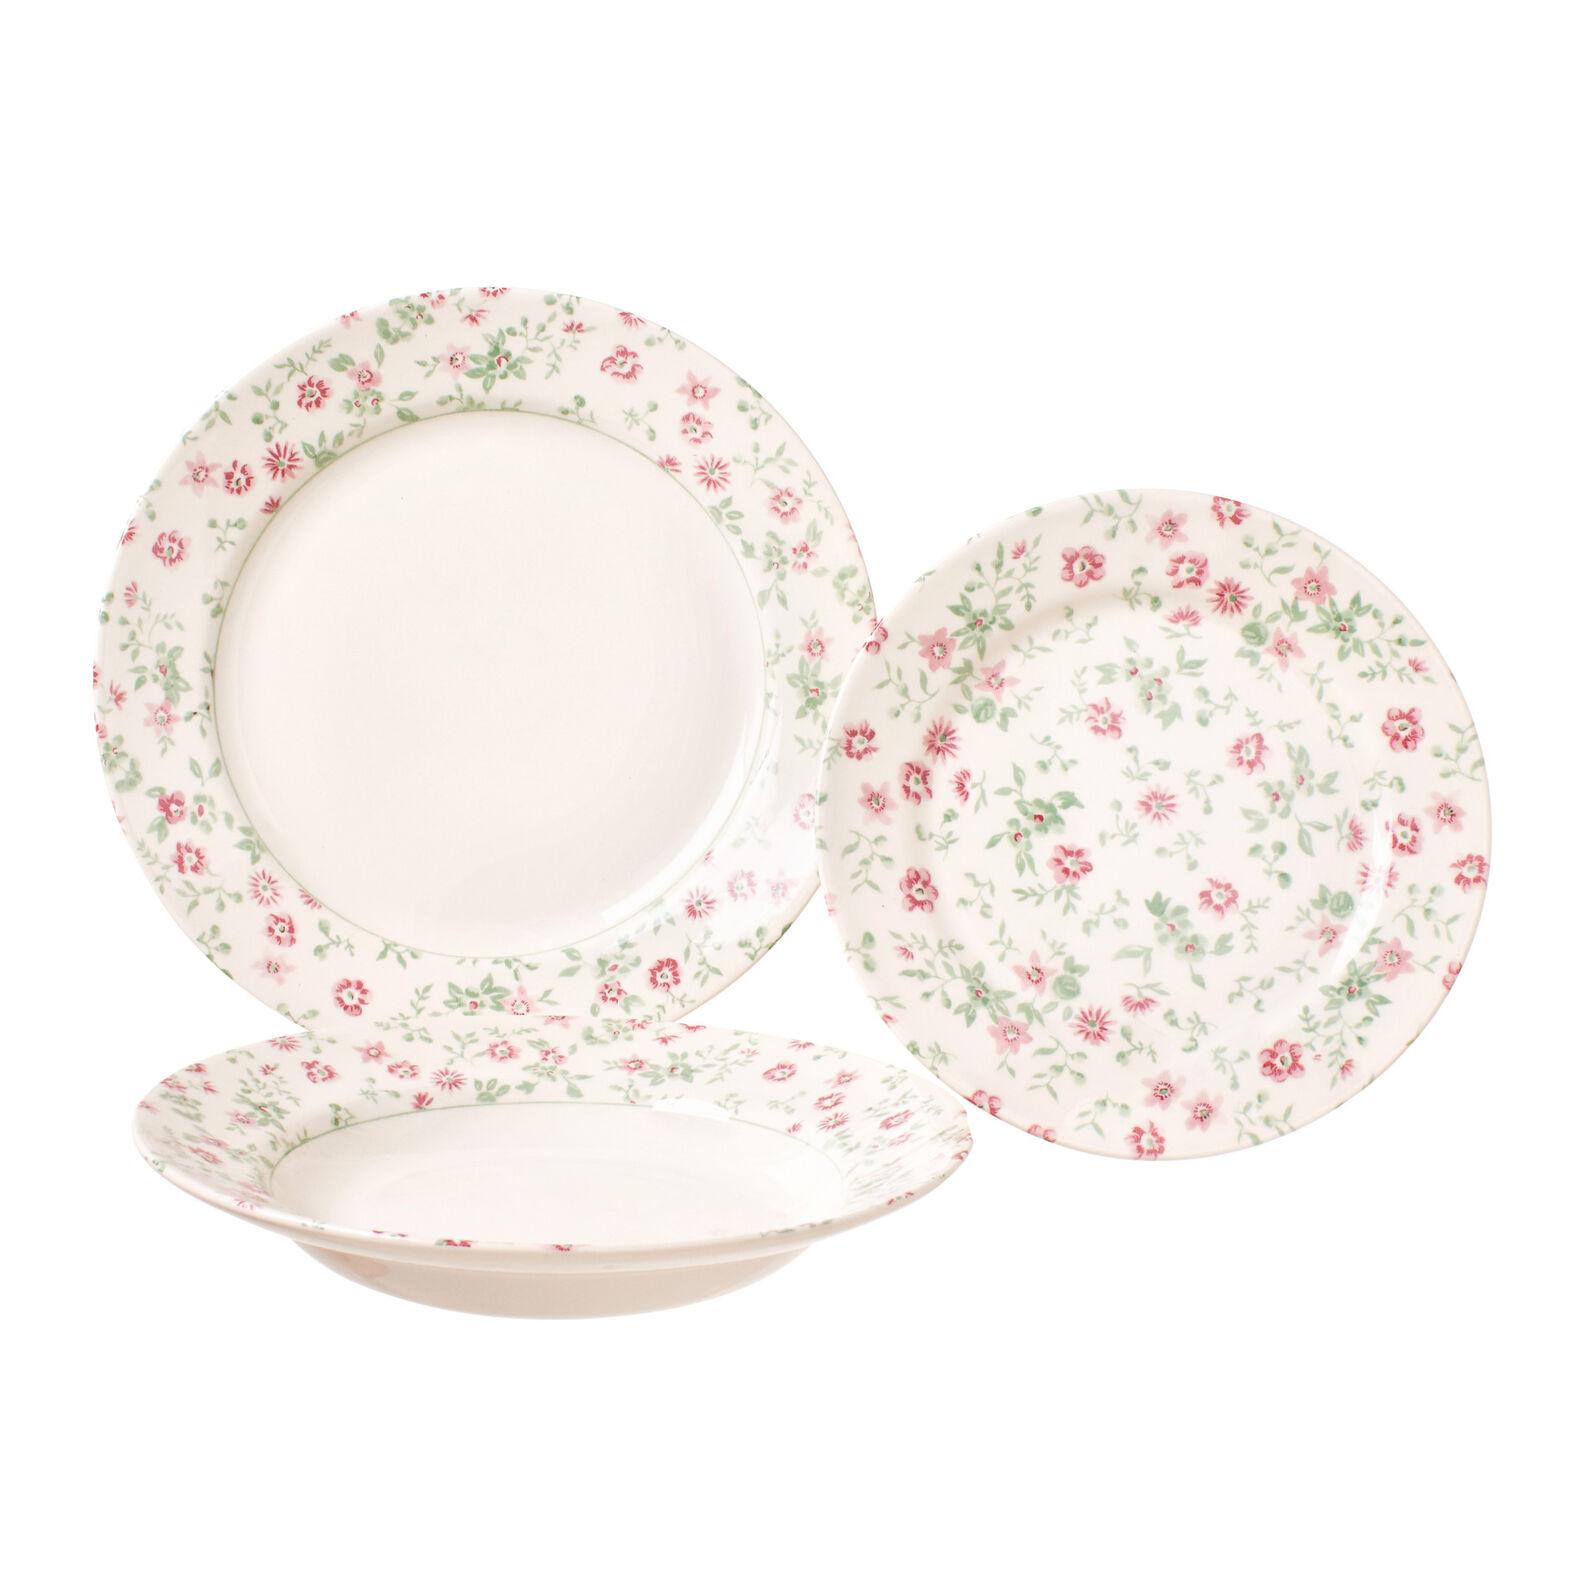 Set 18 piatti in ceramica decorazioni floreali coincasa for Decorazioni piatti